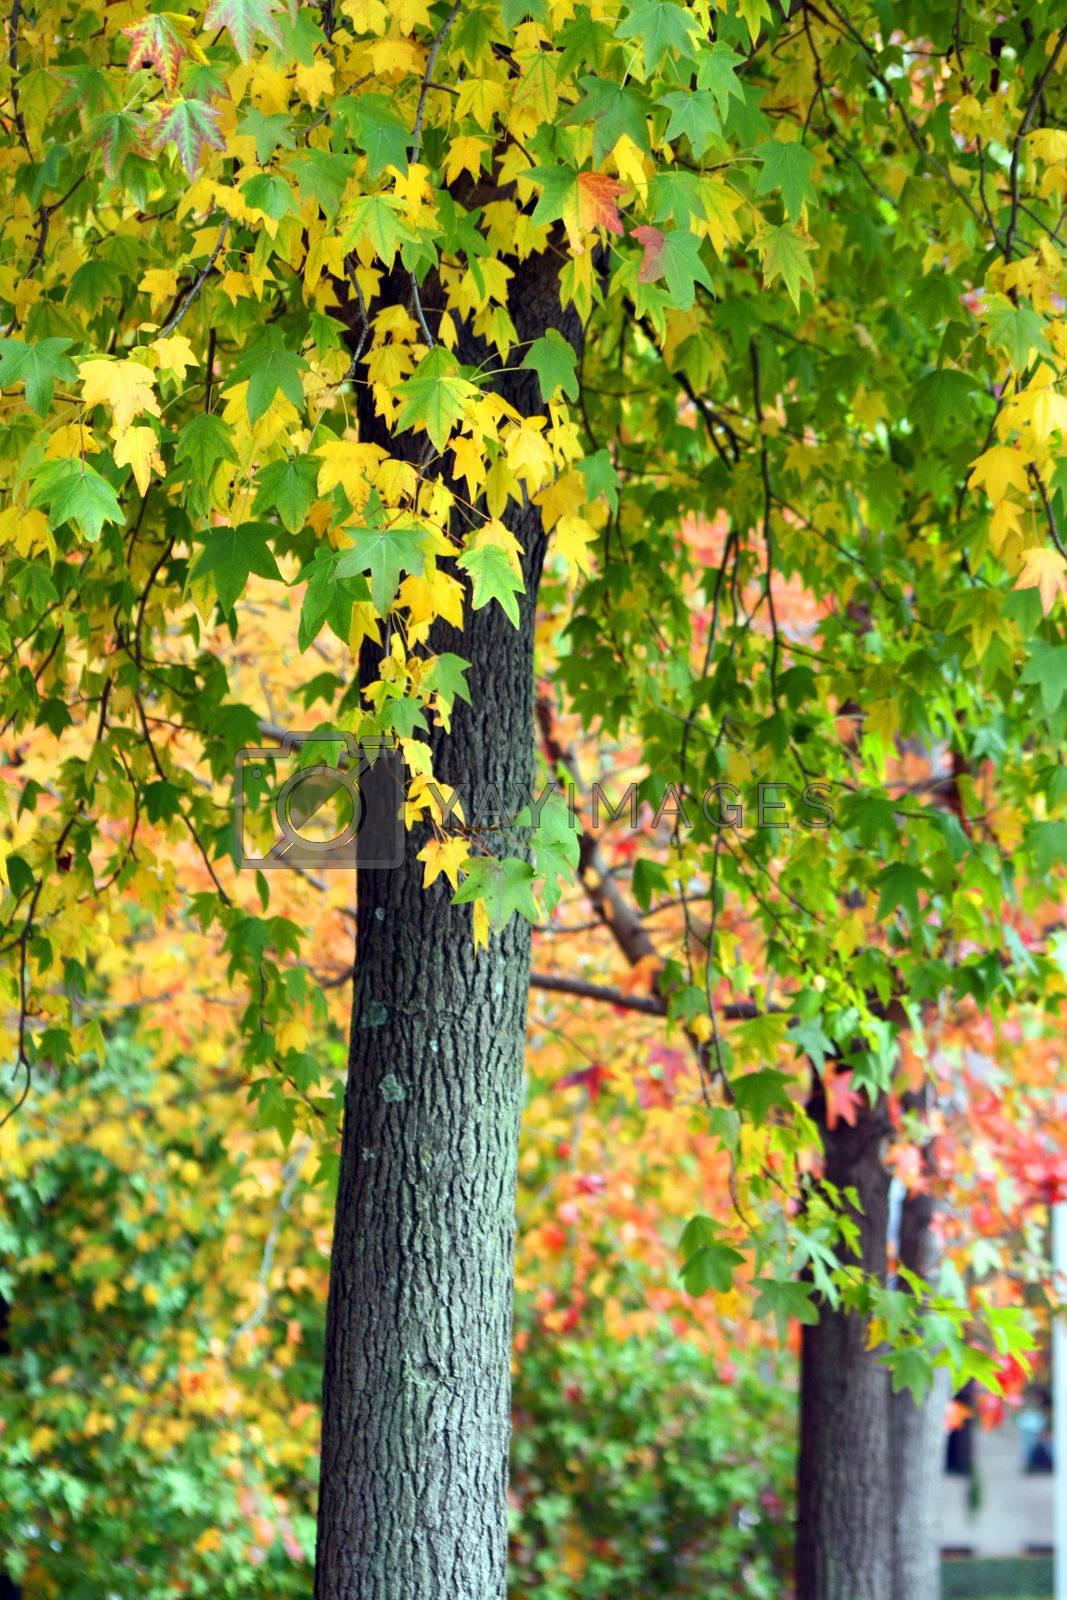 Autumn landscape by jpcasais